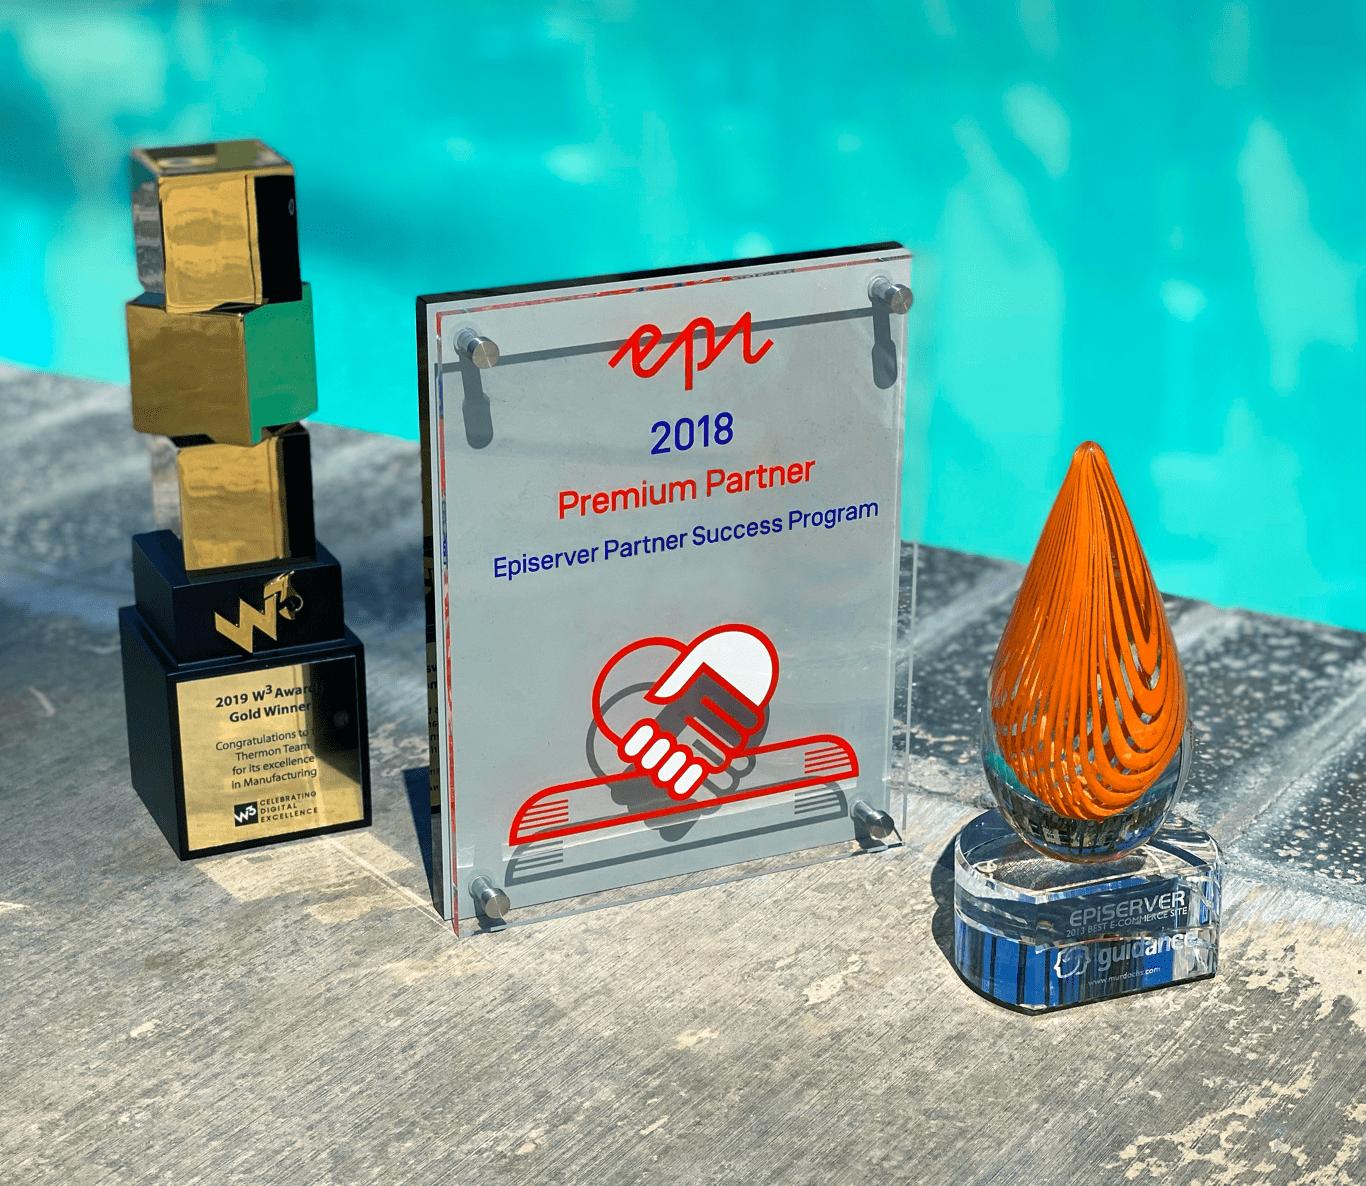 awards-epi@2x[1]